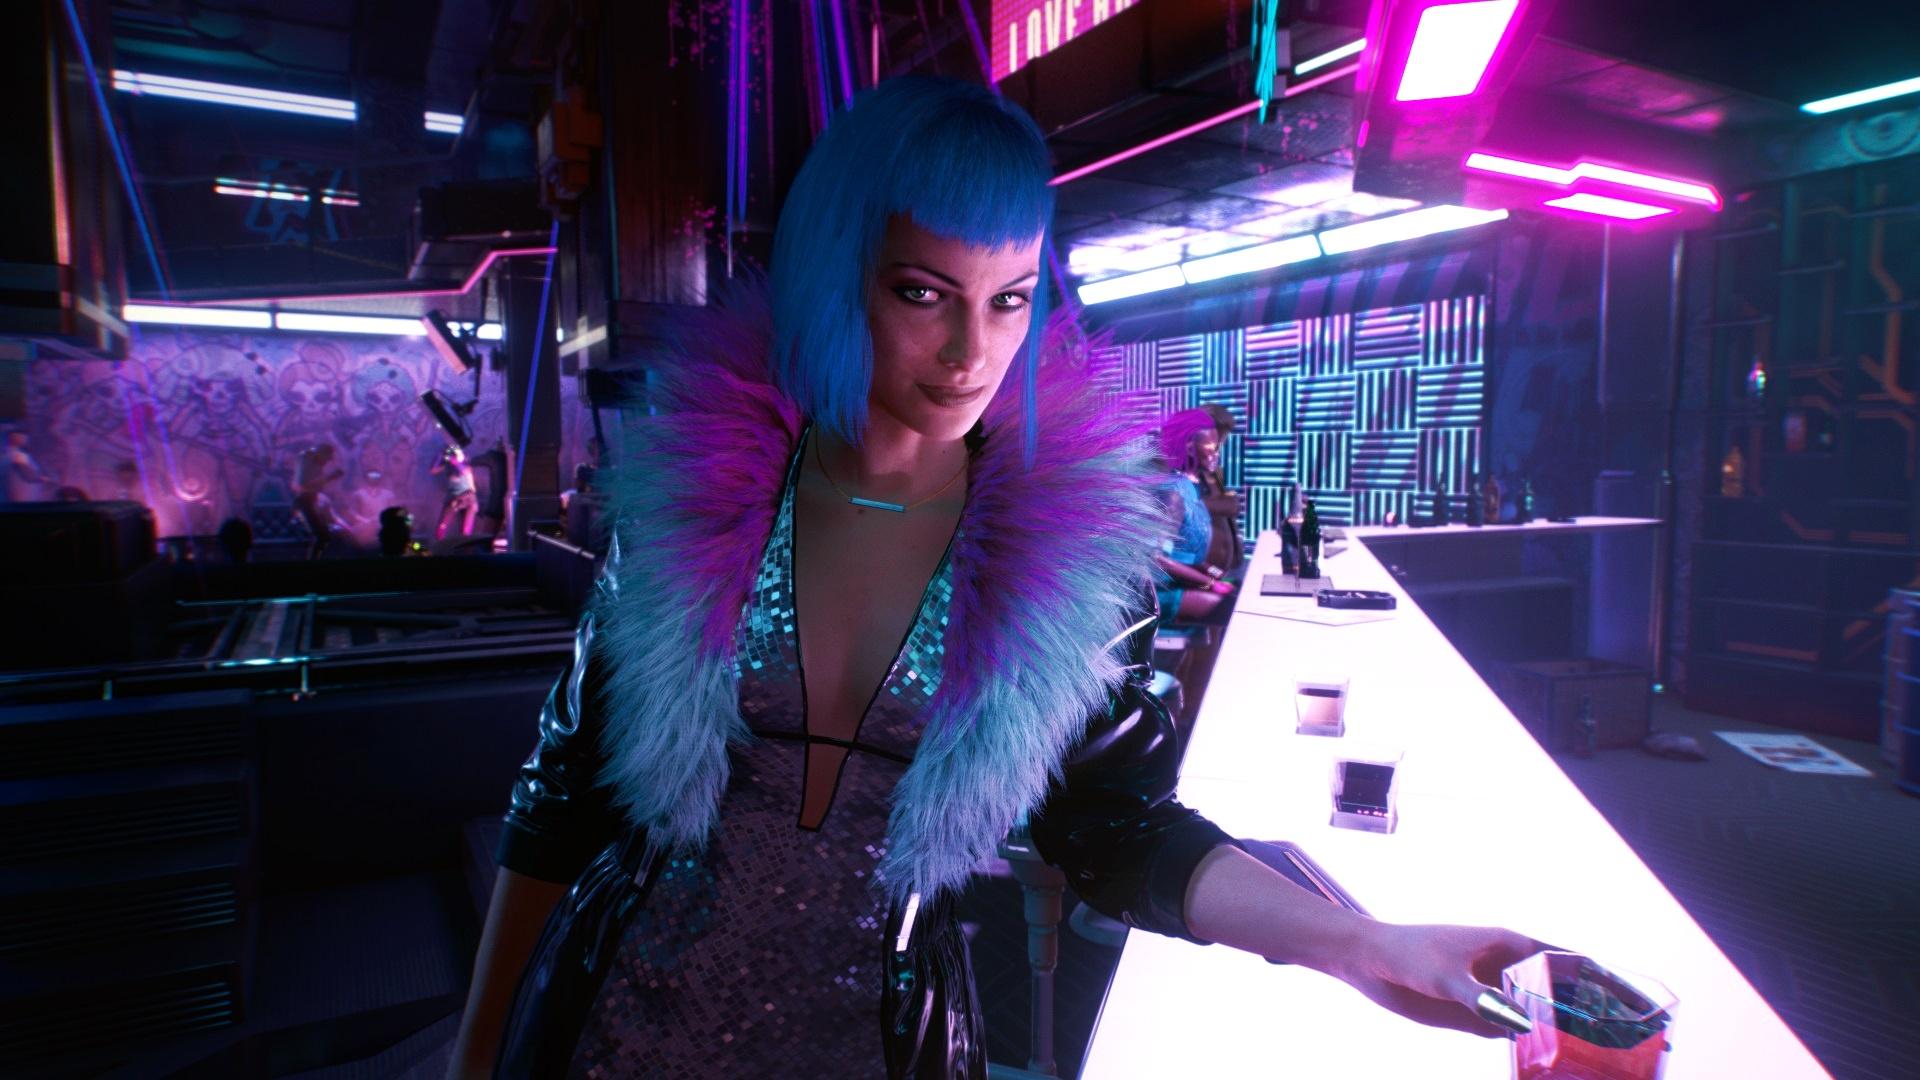 Список опций для кастомизации V из Cyberpunk 2077